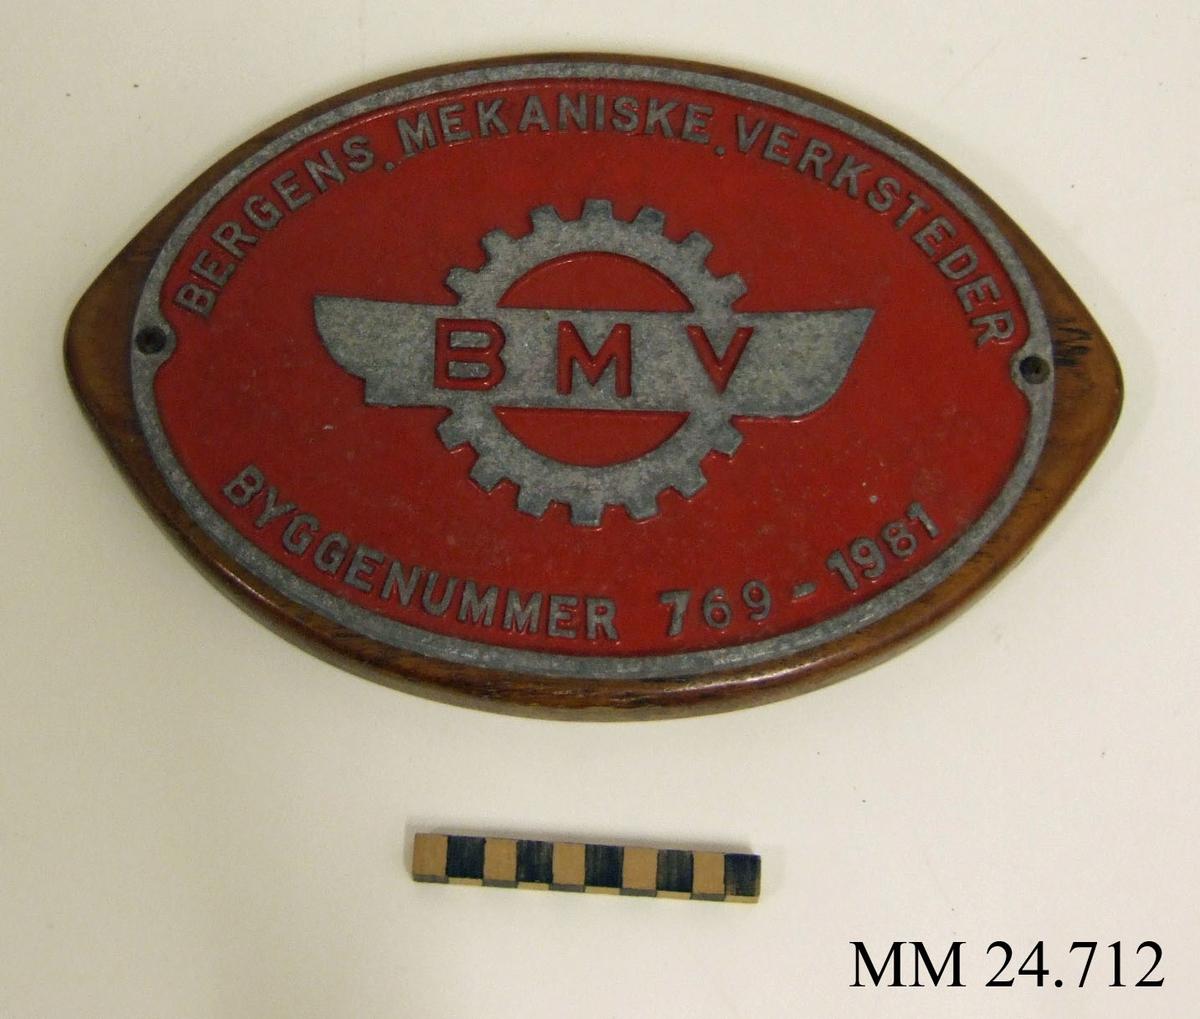 """Nybyggnadsskylt till patrullbåten Tordön. Oval, rödlackerad skylt av metall, med text i relief: """"Bergens Mekaniske Verksteder, Byggenummer 769-1981"""" samt logotype föreställande kugghjul och skeppsiluett. Skylten skruvad fast i ovalt, fenissat trästycke."""